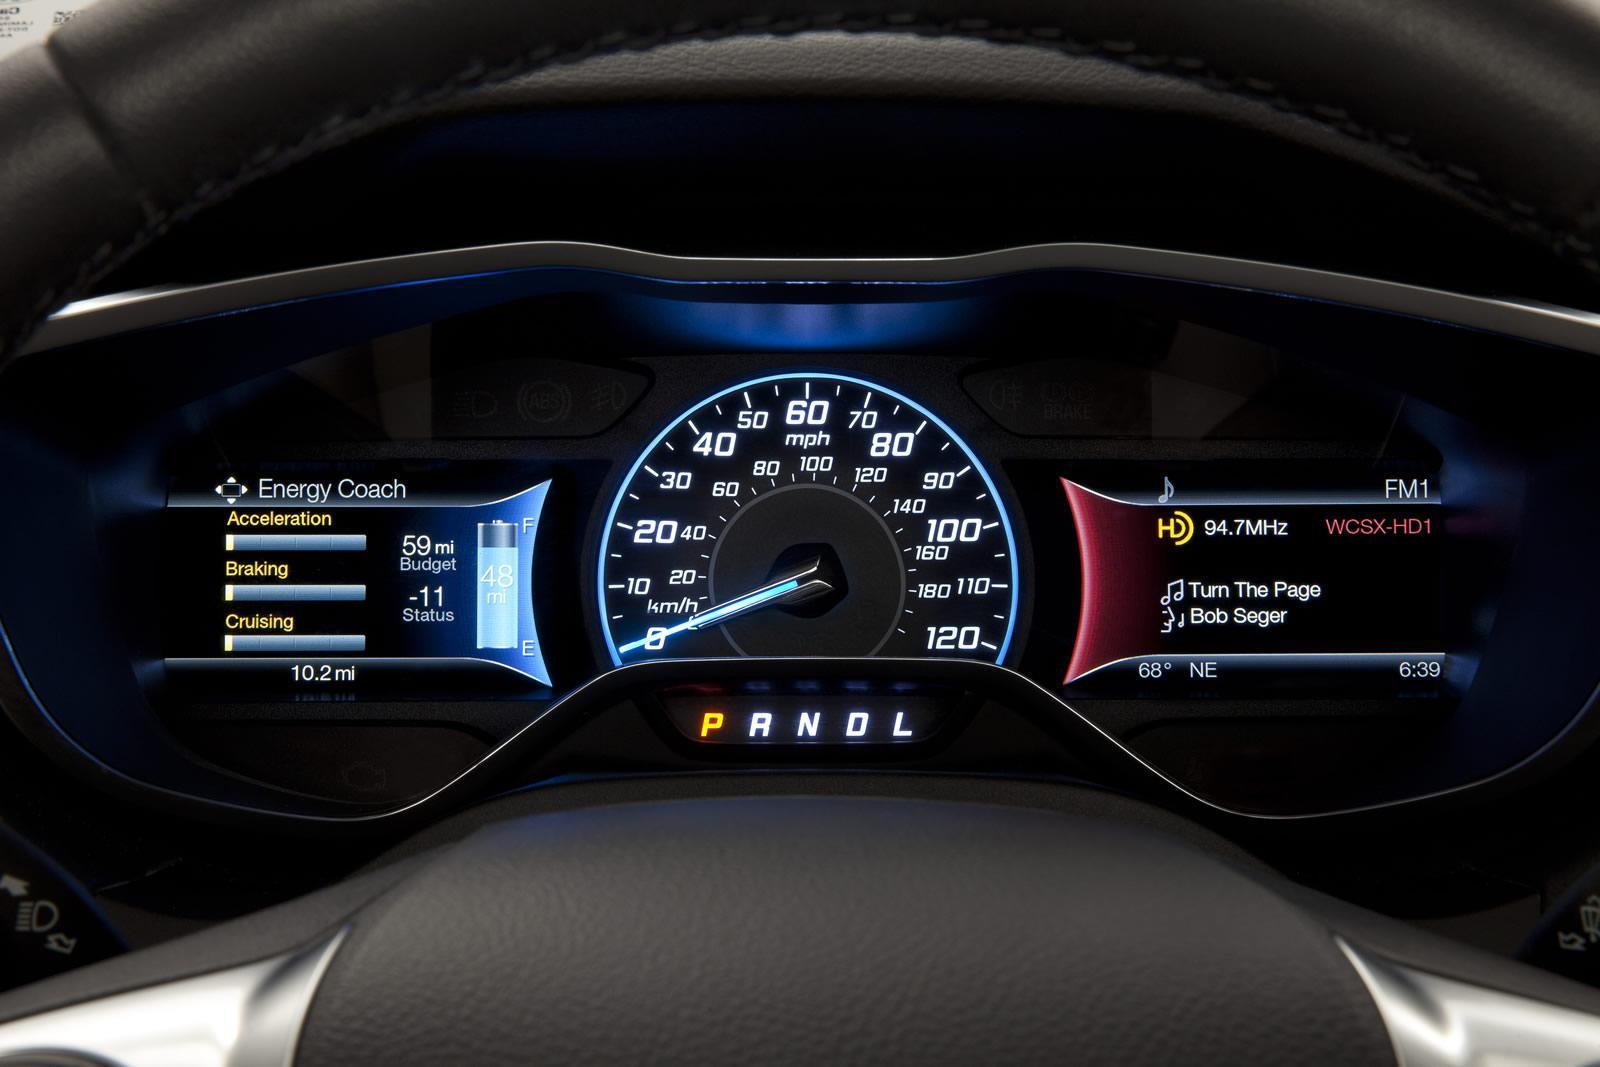 Ford Everest Facelift 2018 >> 2015-Ford-Focus-Sedan-facelift-instrument-cluster - ForceGT.com